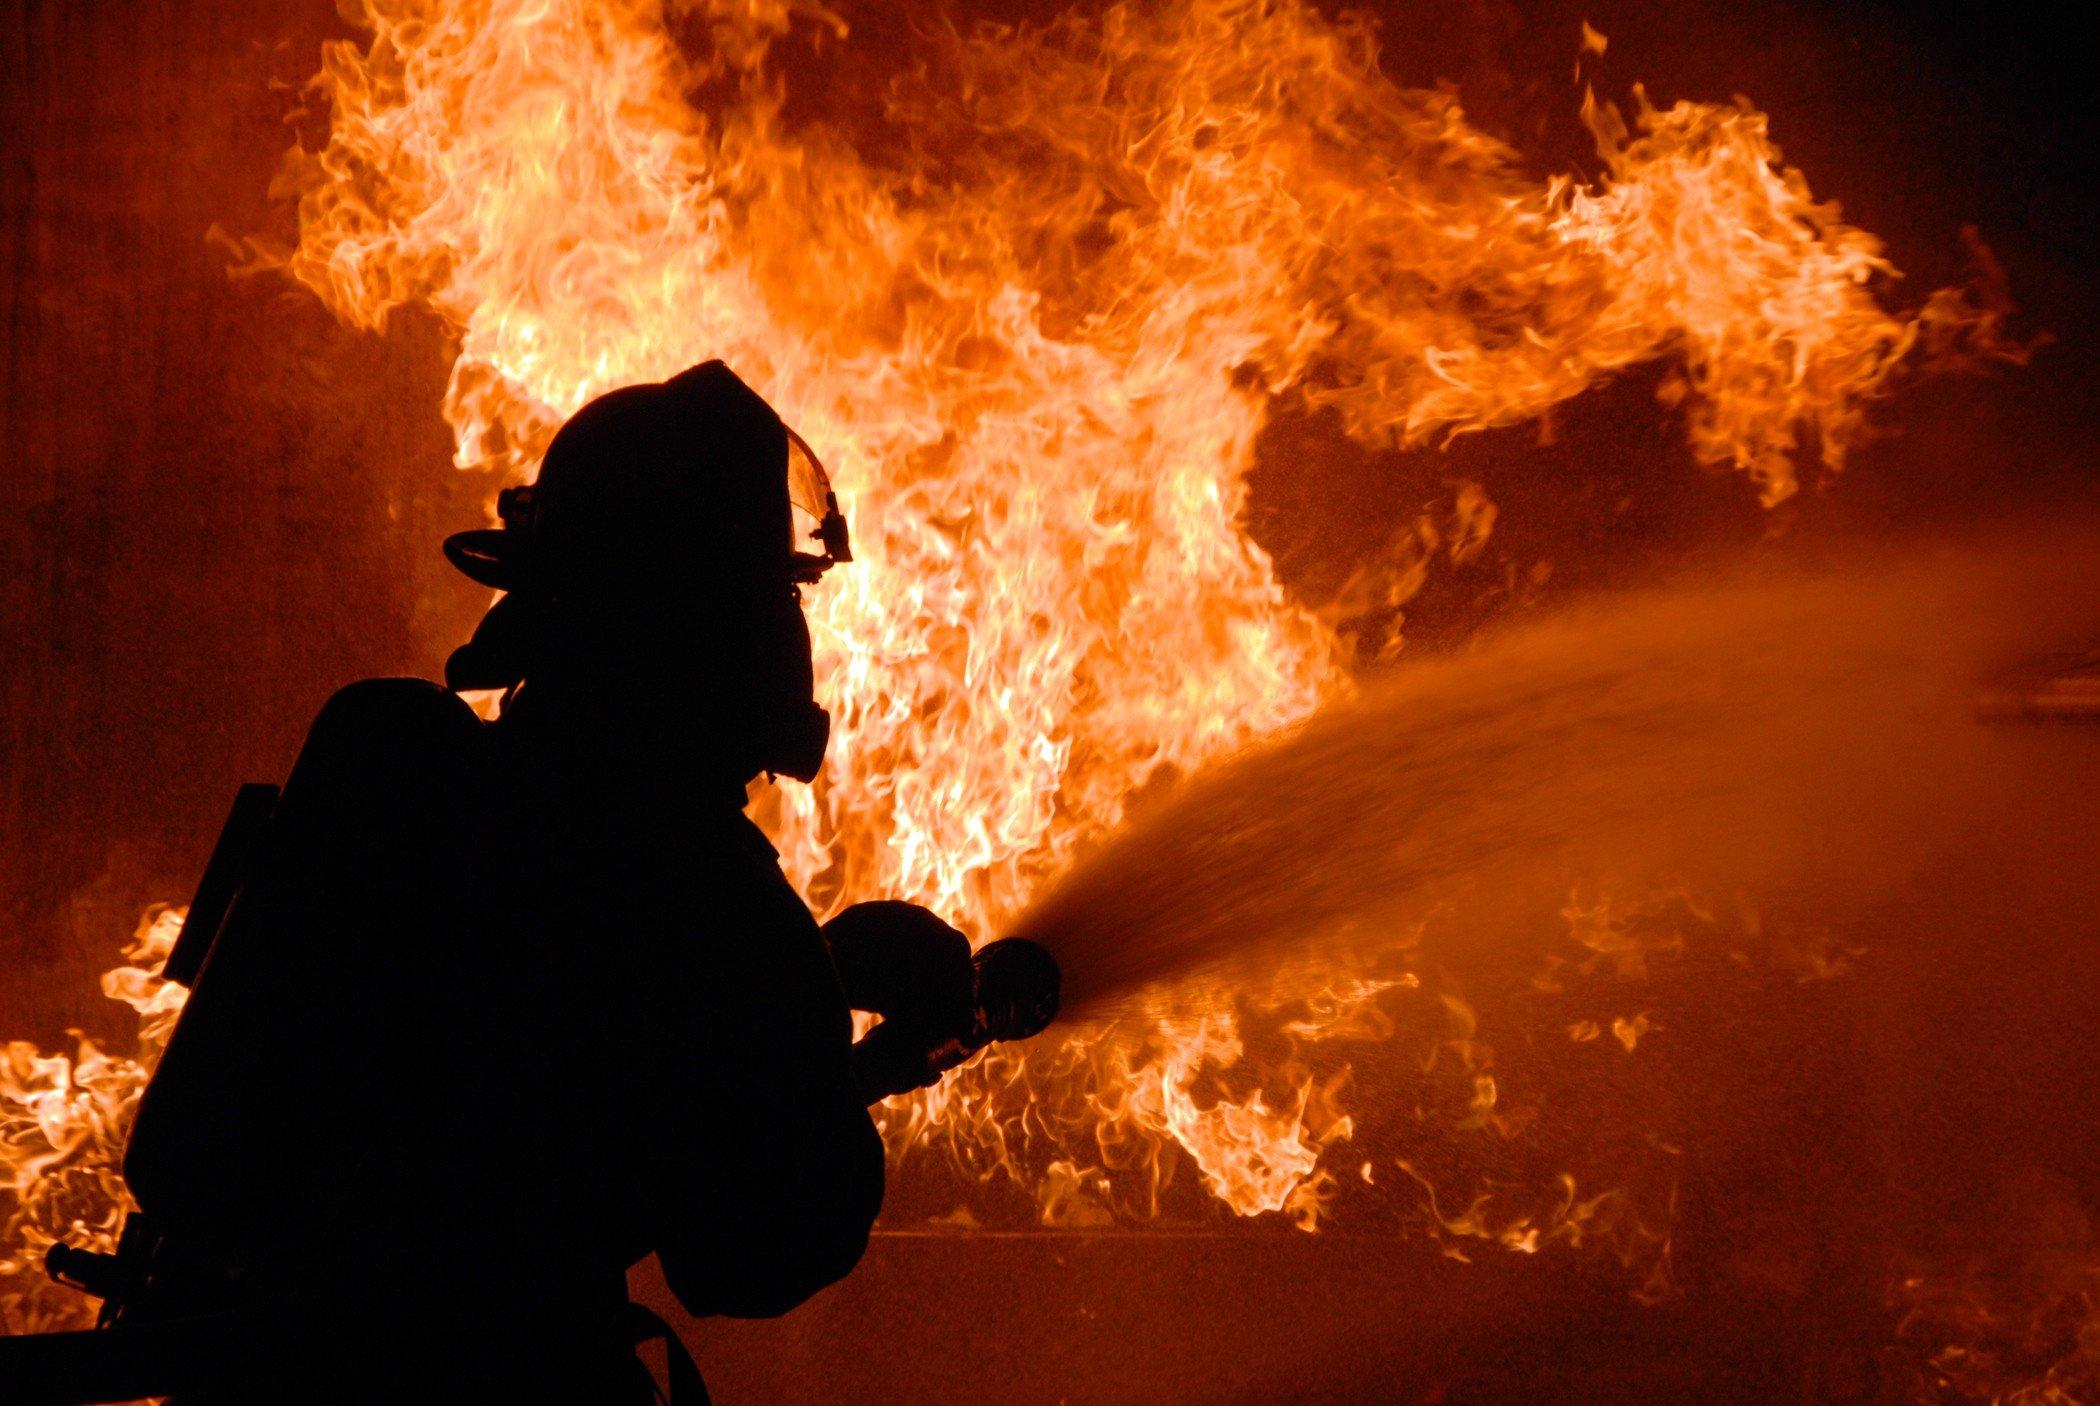 Під час пожежі постраждав 20-річний хлопець